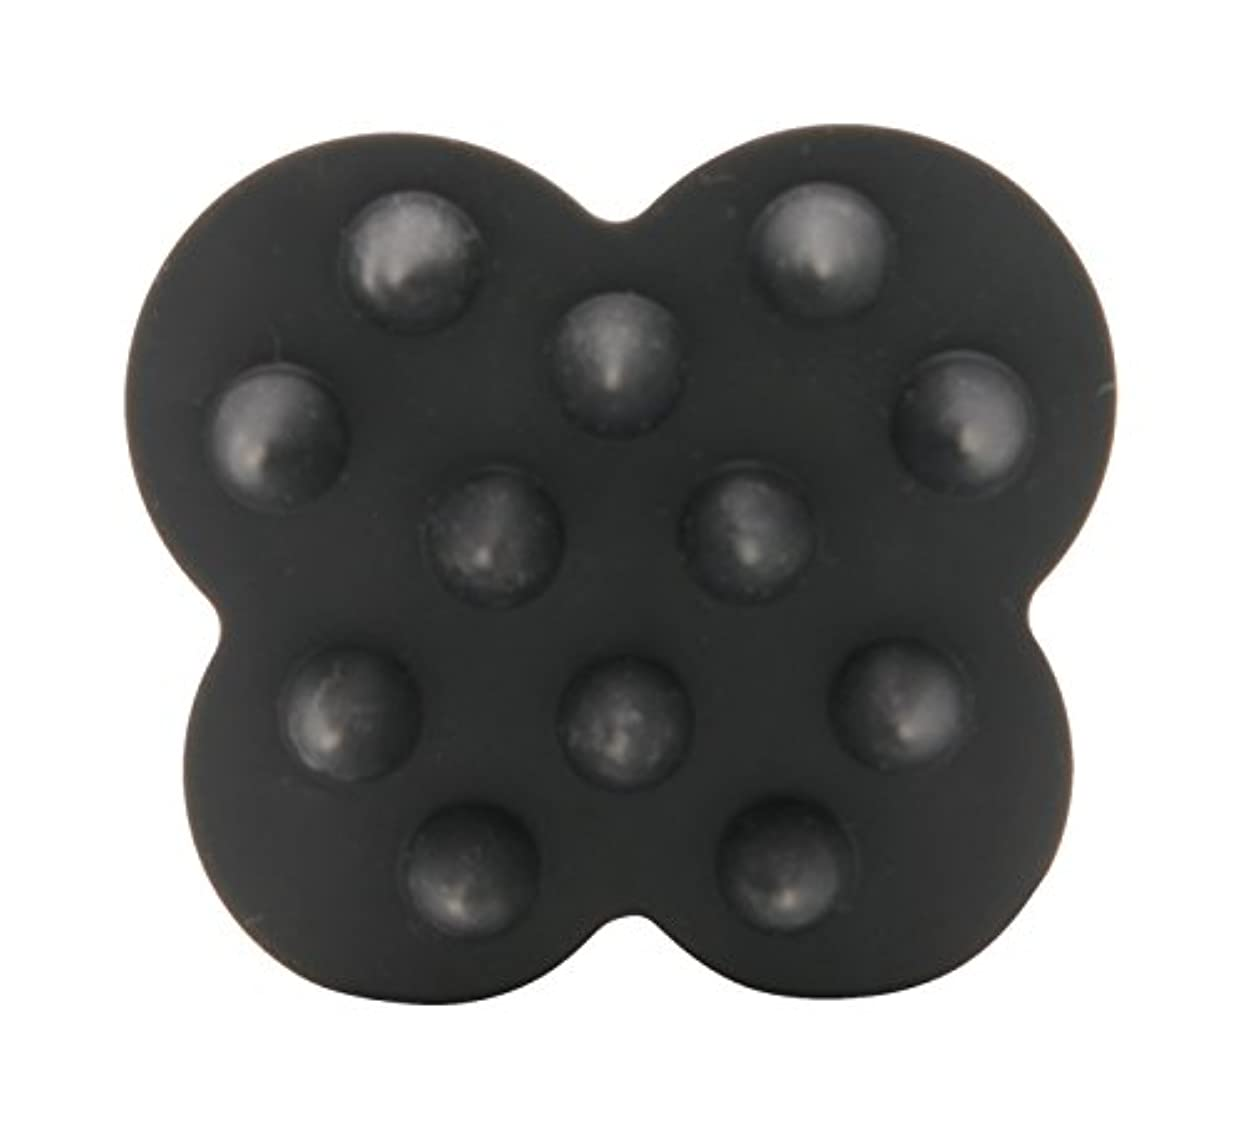 お風呂アラビア語サスペンションウカ(uka) ウカ スカルプブラシ ケンザン(頭皮用ブラシ) 黒 70g